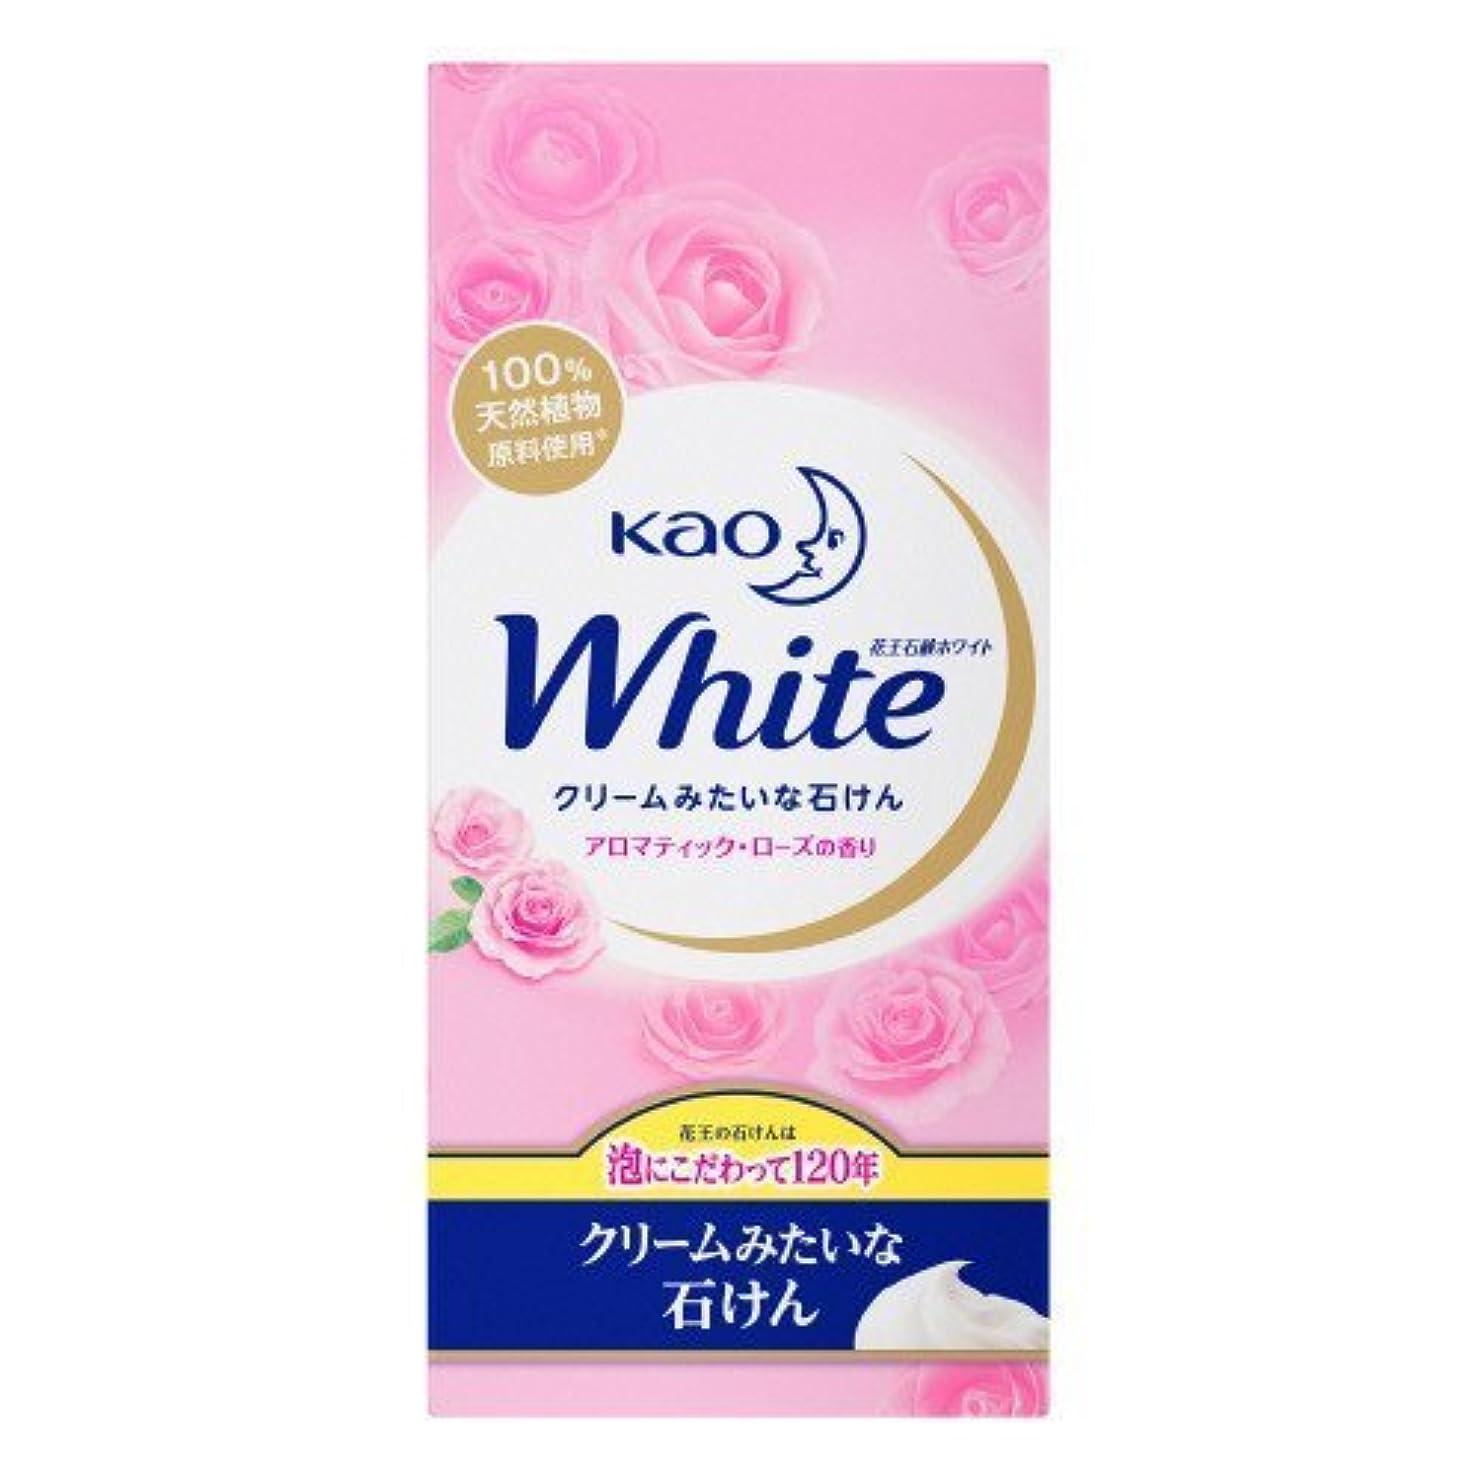 下手フェードアウトポゴスティックジャンプ【花王】花王ホワイト アロマティックローズの香りレギュラーサイズ (85g×6個) ×10個セット